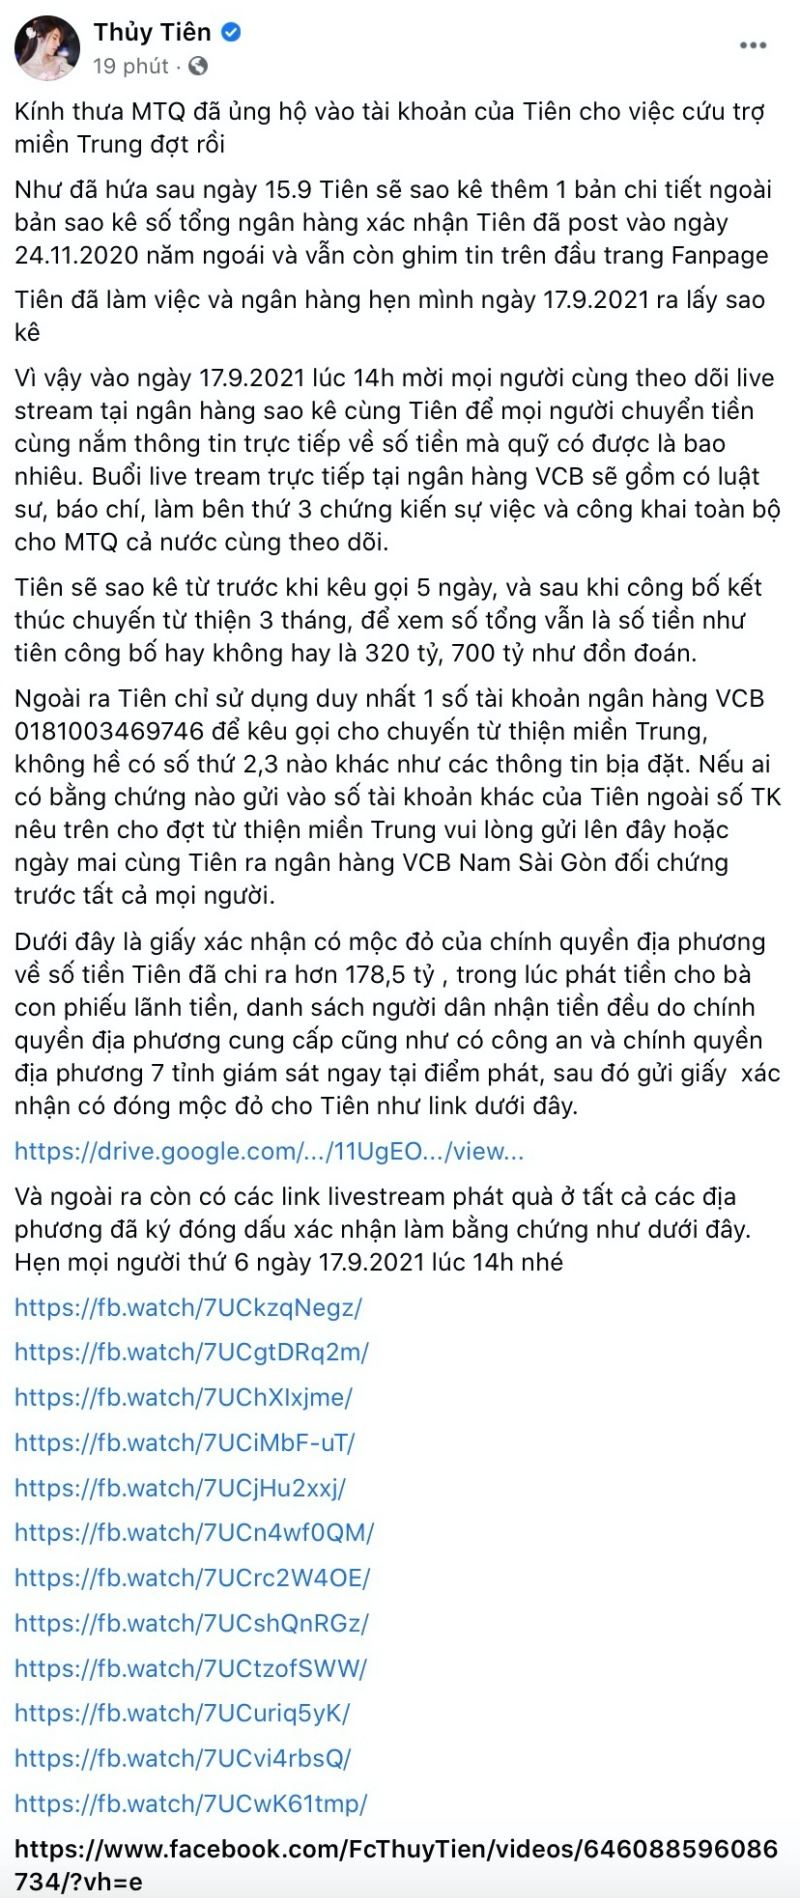 Bài đăng mới nhất của Thủy Tiên về ồn ào ăn chặn tiền từ thiện.